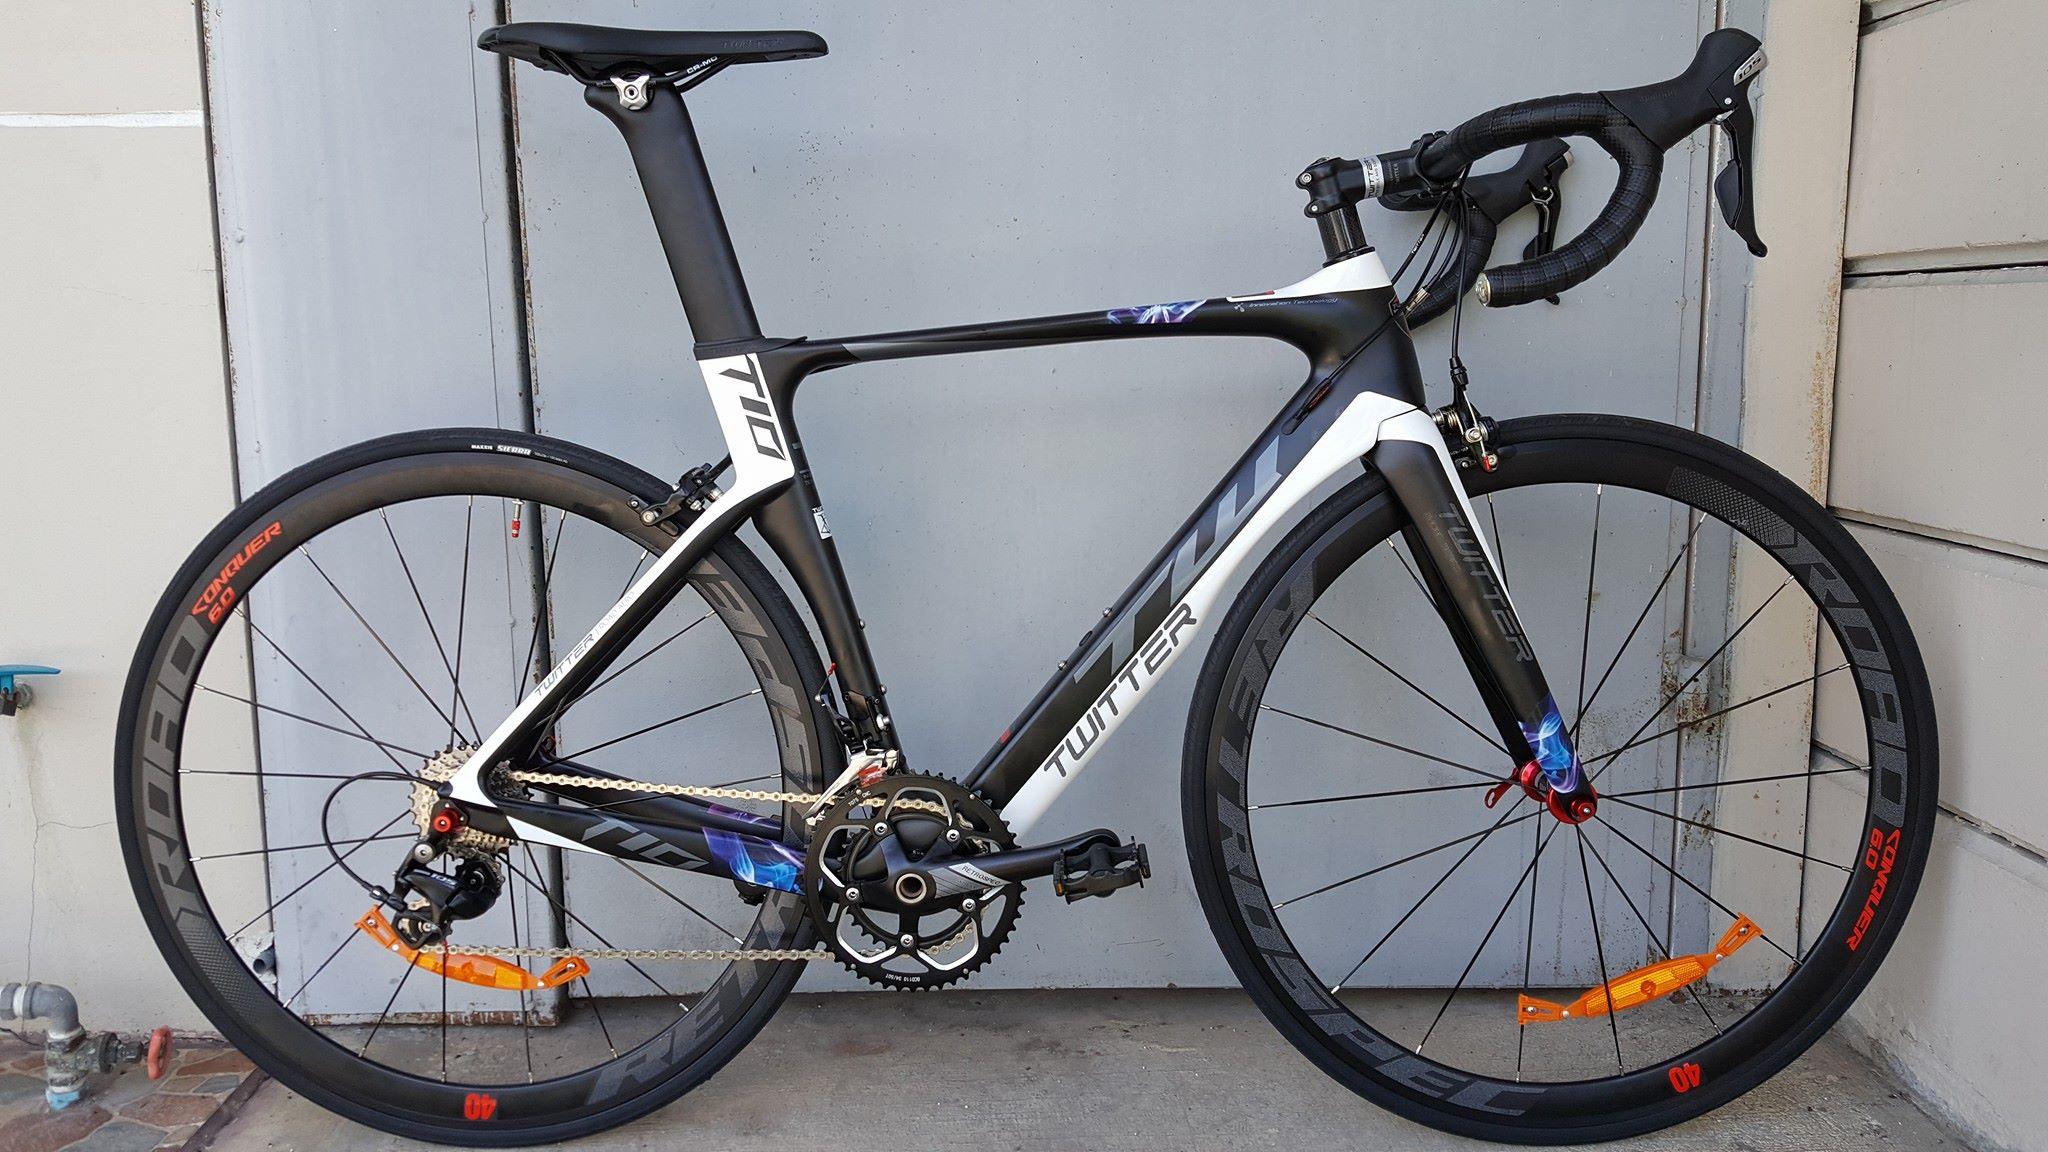 จักรยานเสือหมอบ Twitter T10 เฟรม Carbon สีดำขาว ชุดเกียร์ Shimano 105 22 Speef ไม่กรุ๊ปเซ็ต ดุมล้อแบริ่ง กระโหลกกลวง Pressfit